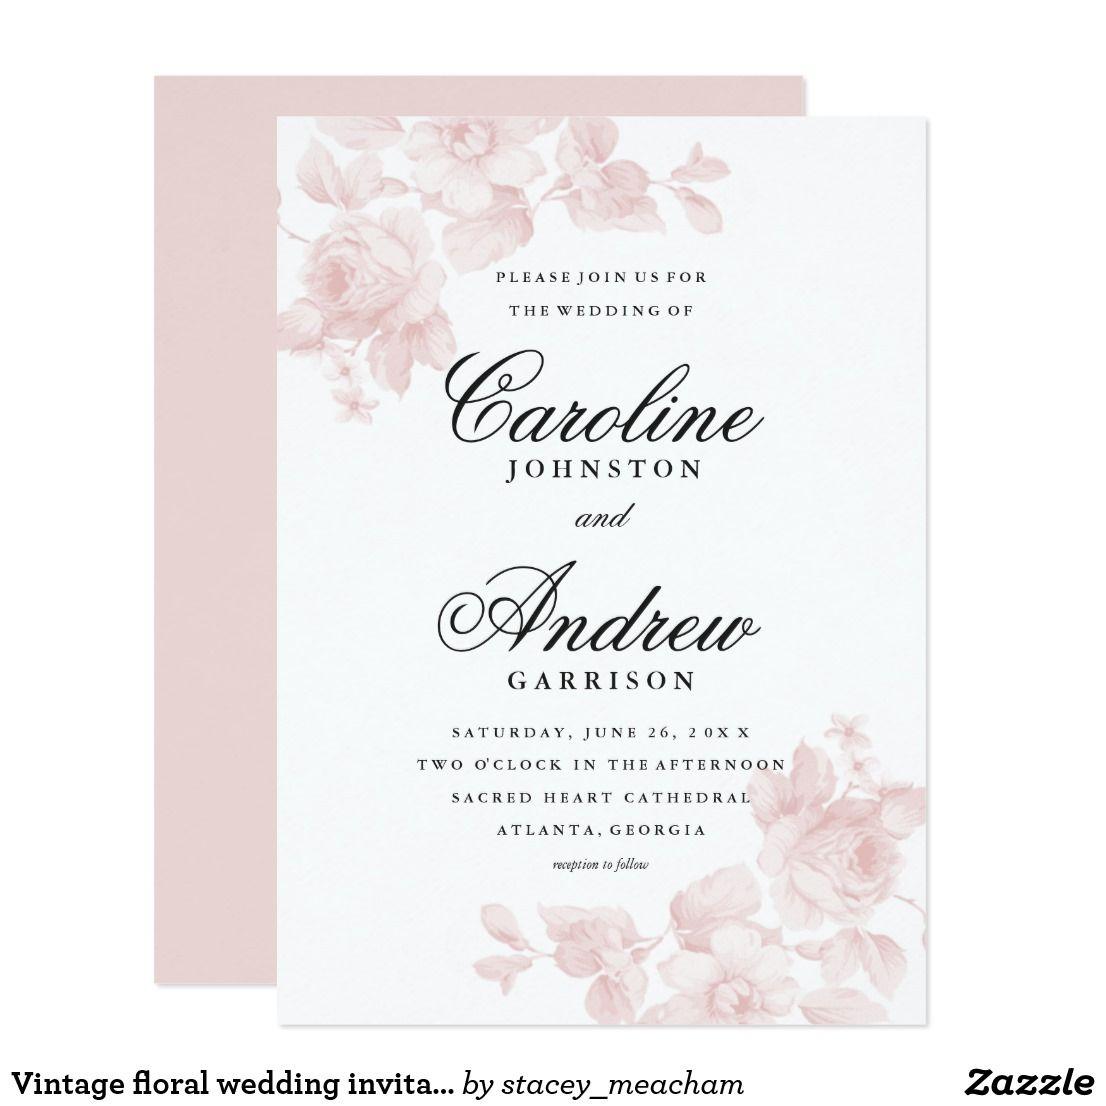 Vintage floral wedding invitation | Vintage Wedding Invitations ...